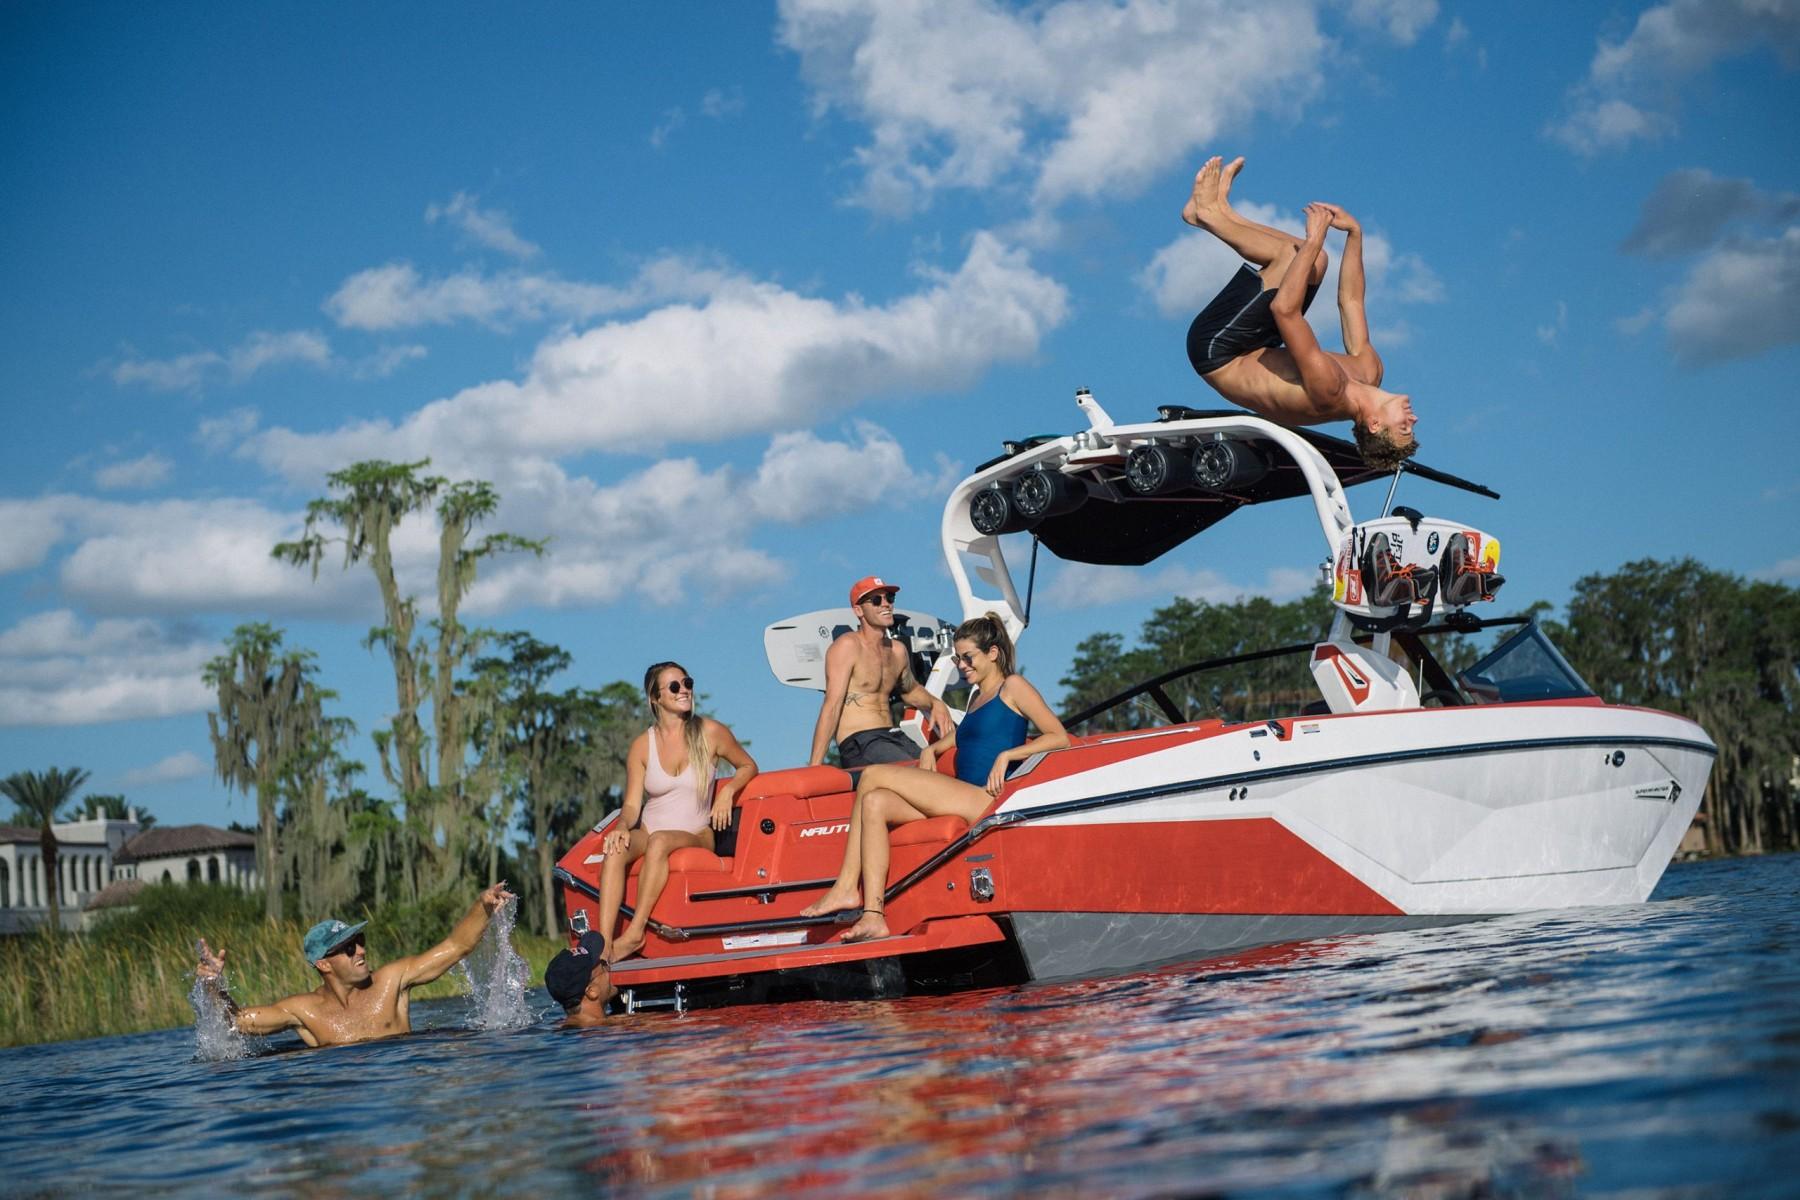 Nautique Lifestyle on the 2021 Nautique G23 Wake Boat